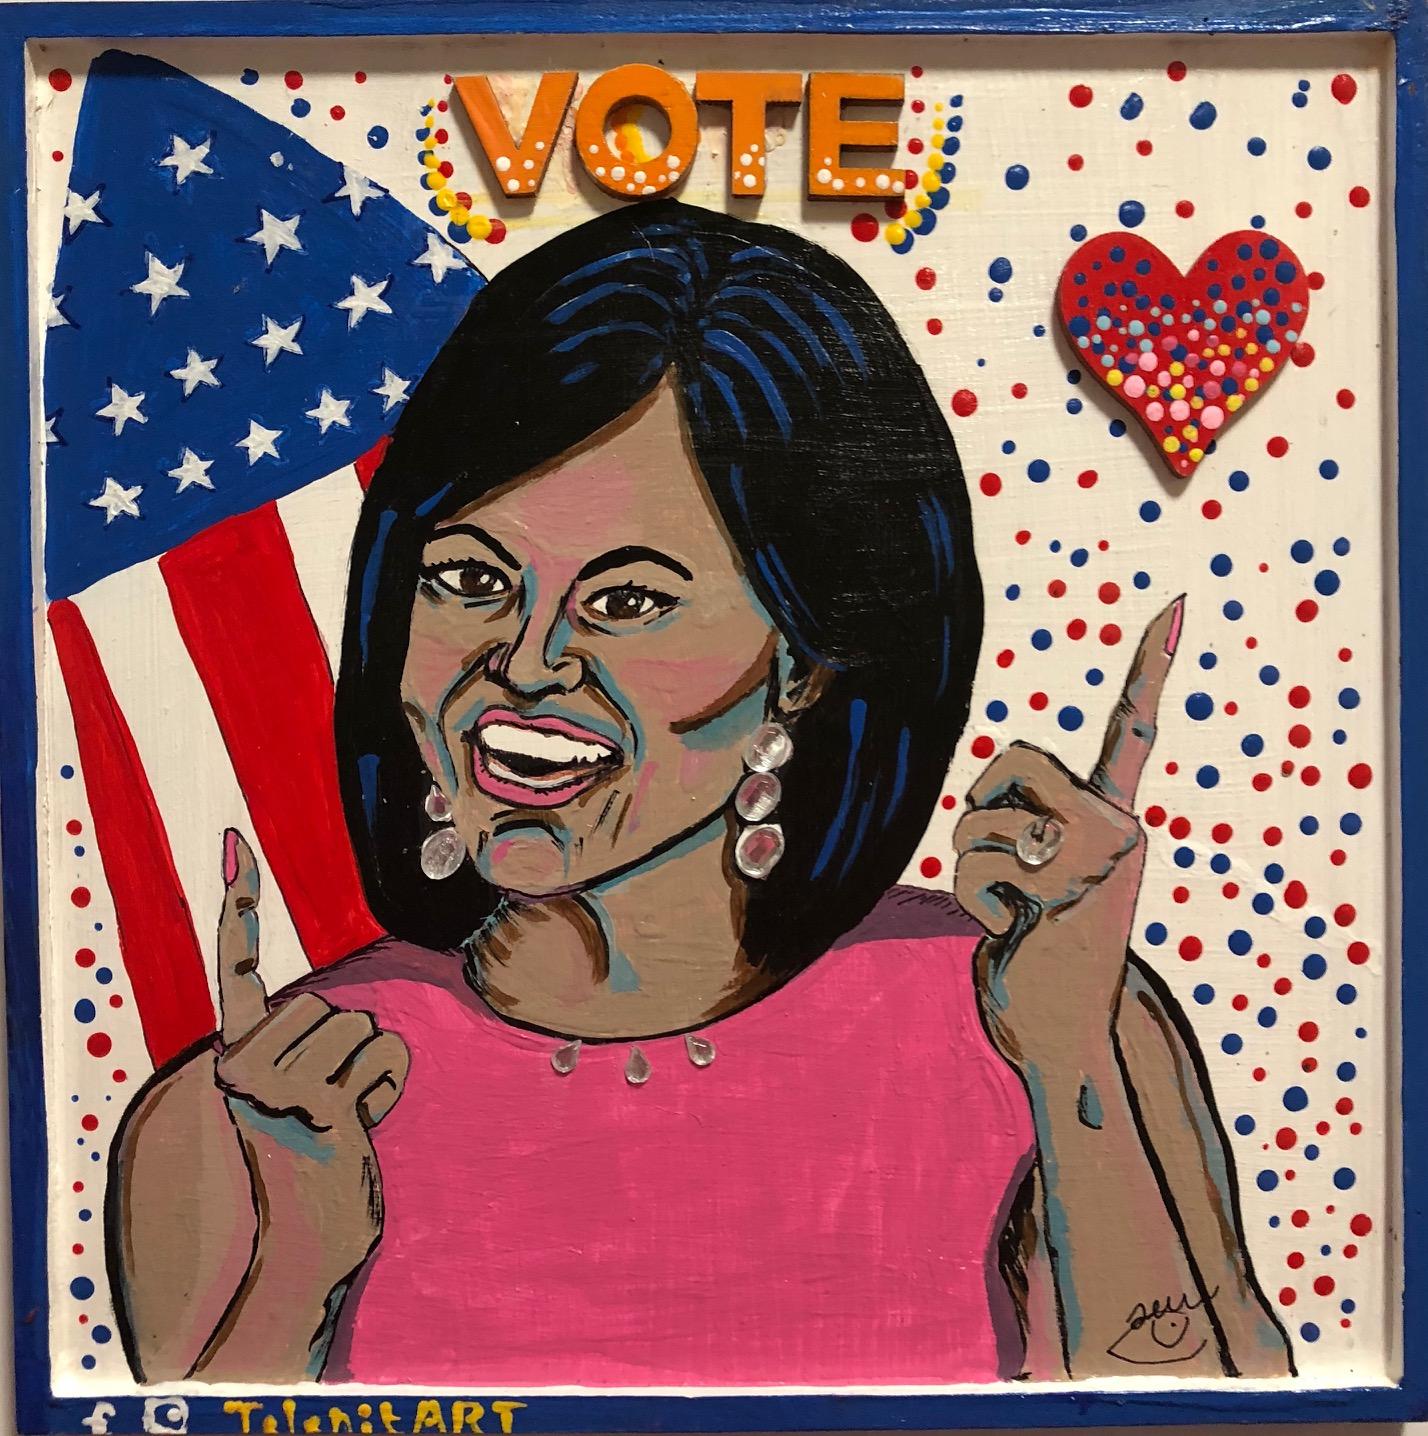 Michelle VOTE.jpg